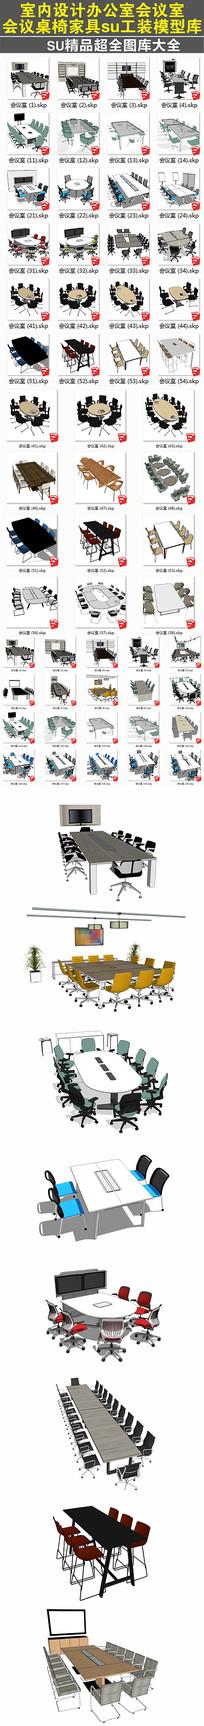 64套办公室会议室桌椅家具